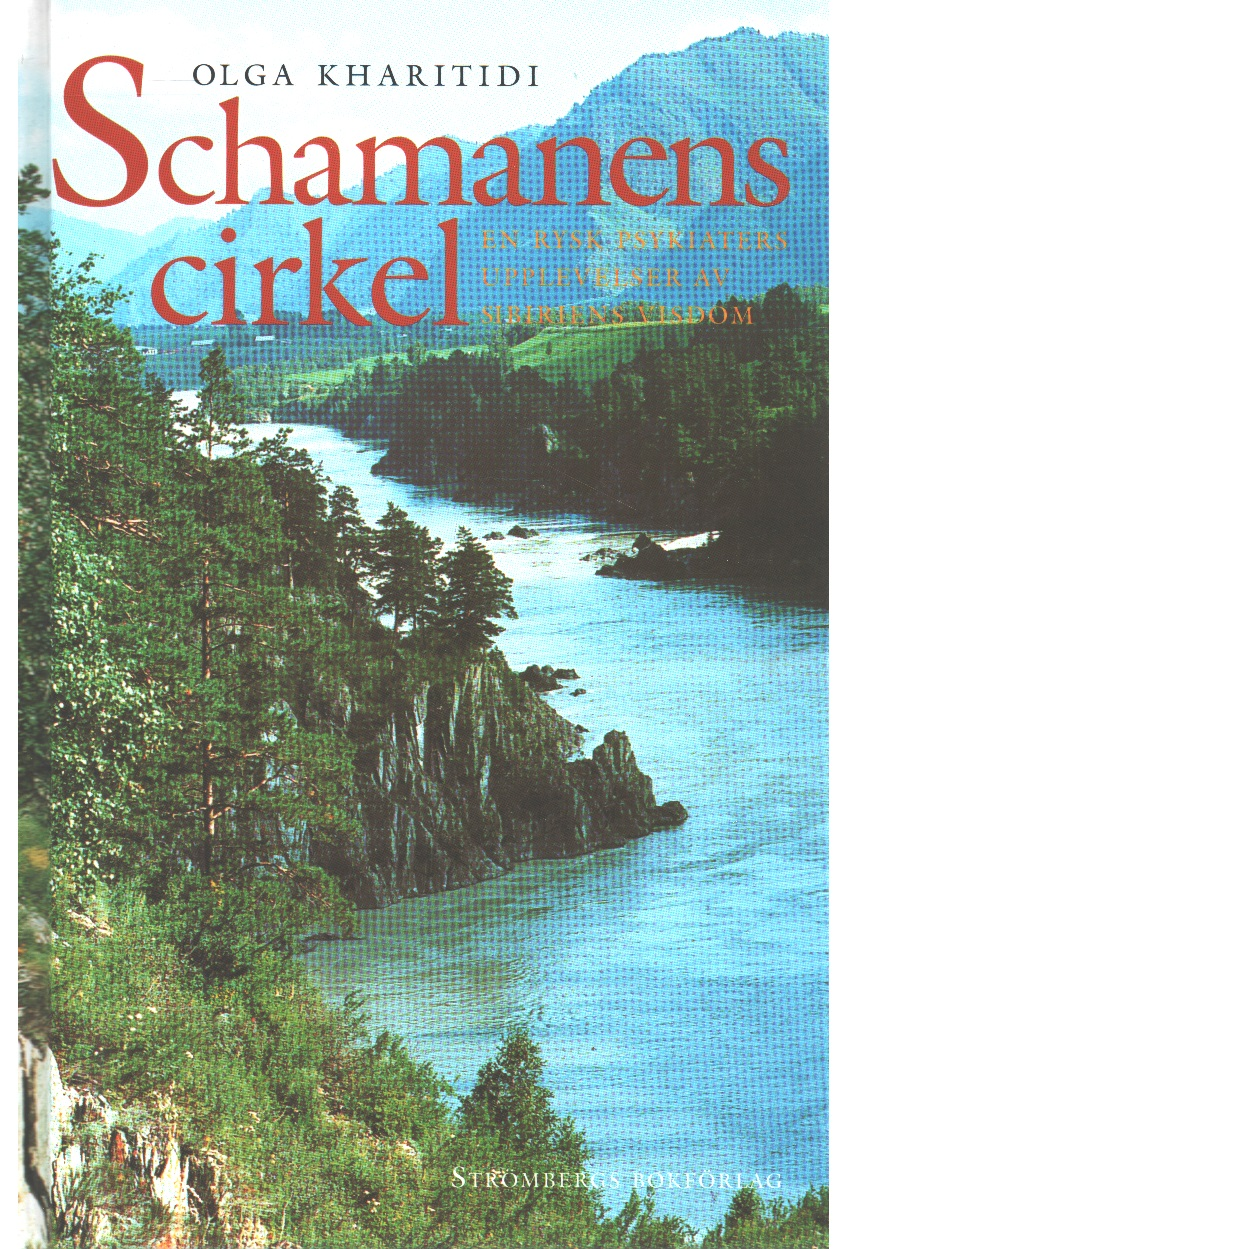 Schamanens cirkel : en rysk psykiaters upplevelser av Sibiriens visdom - Kharitidi, Olga